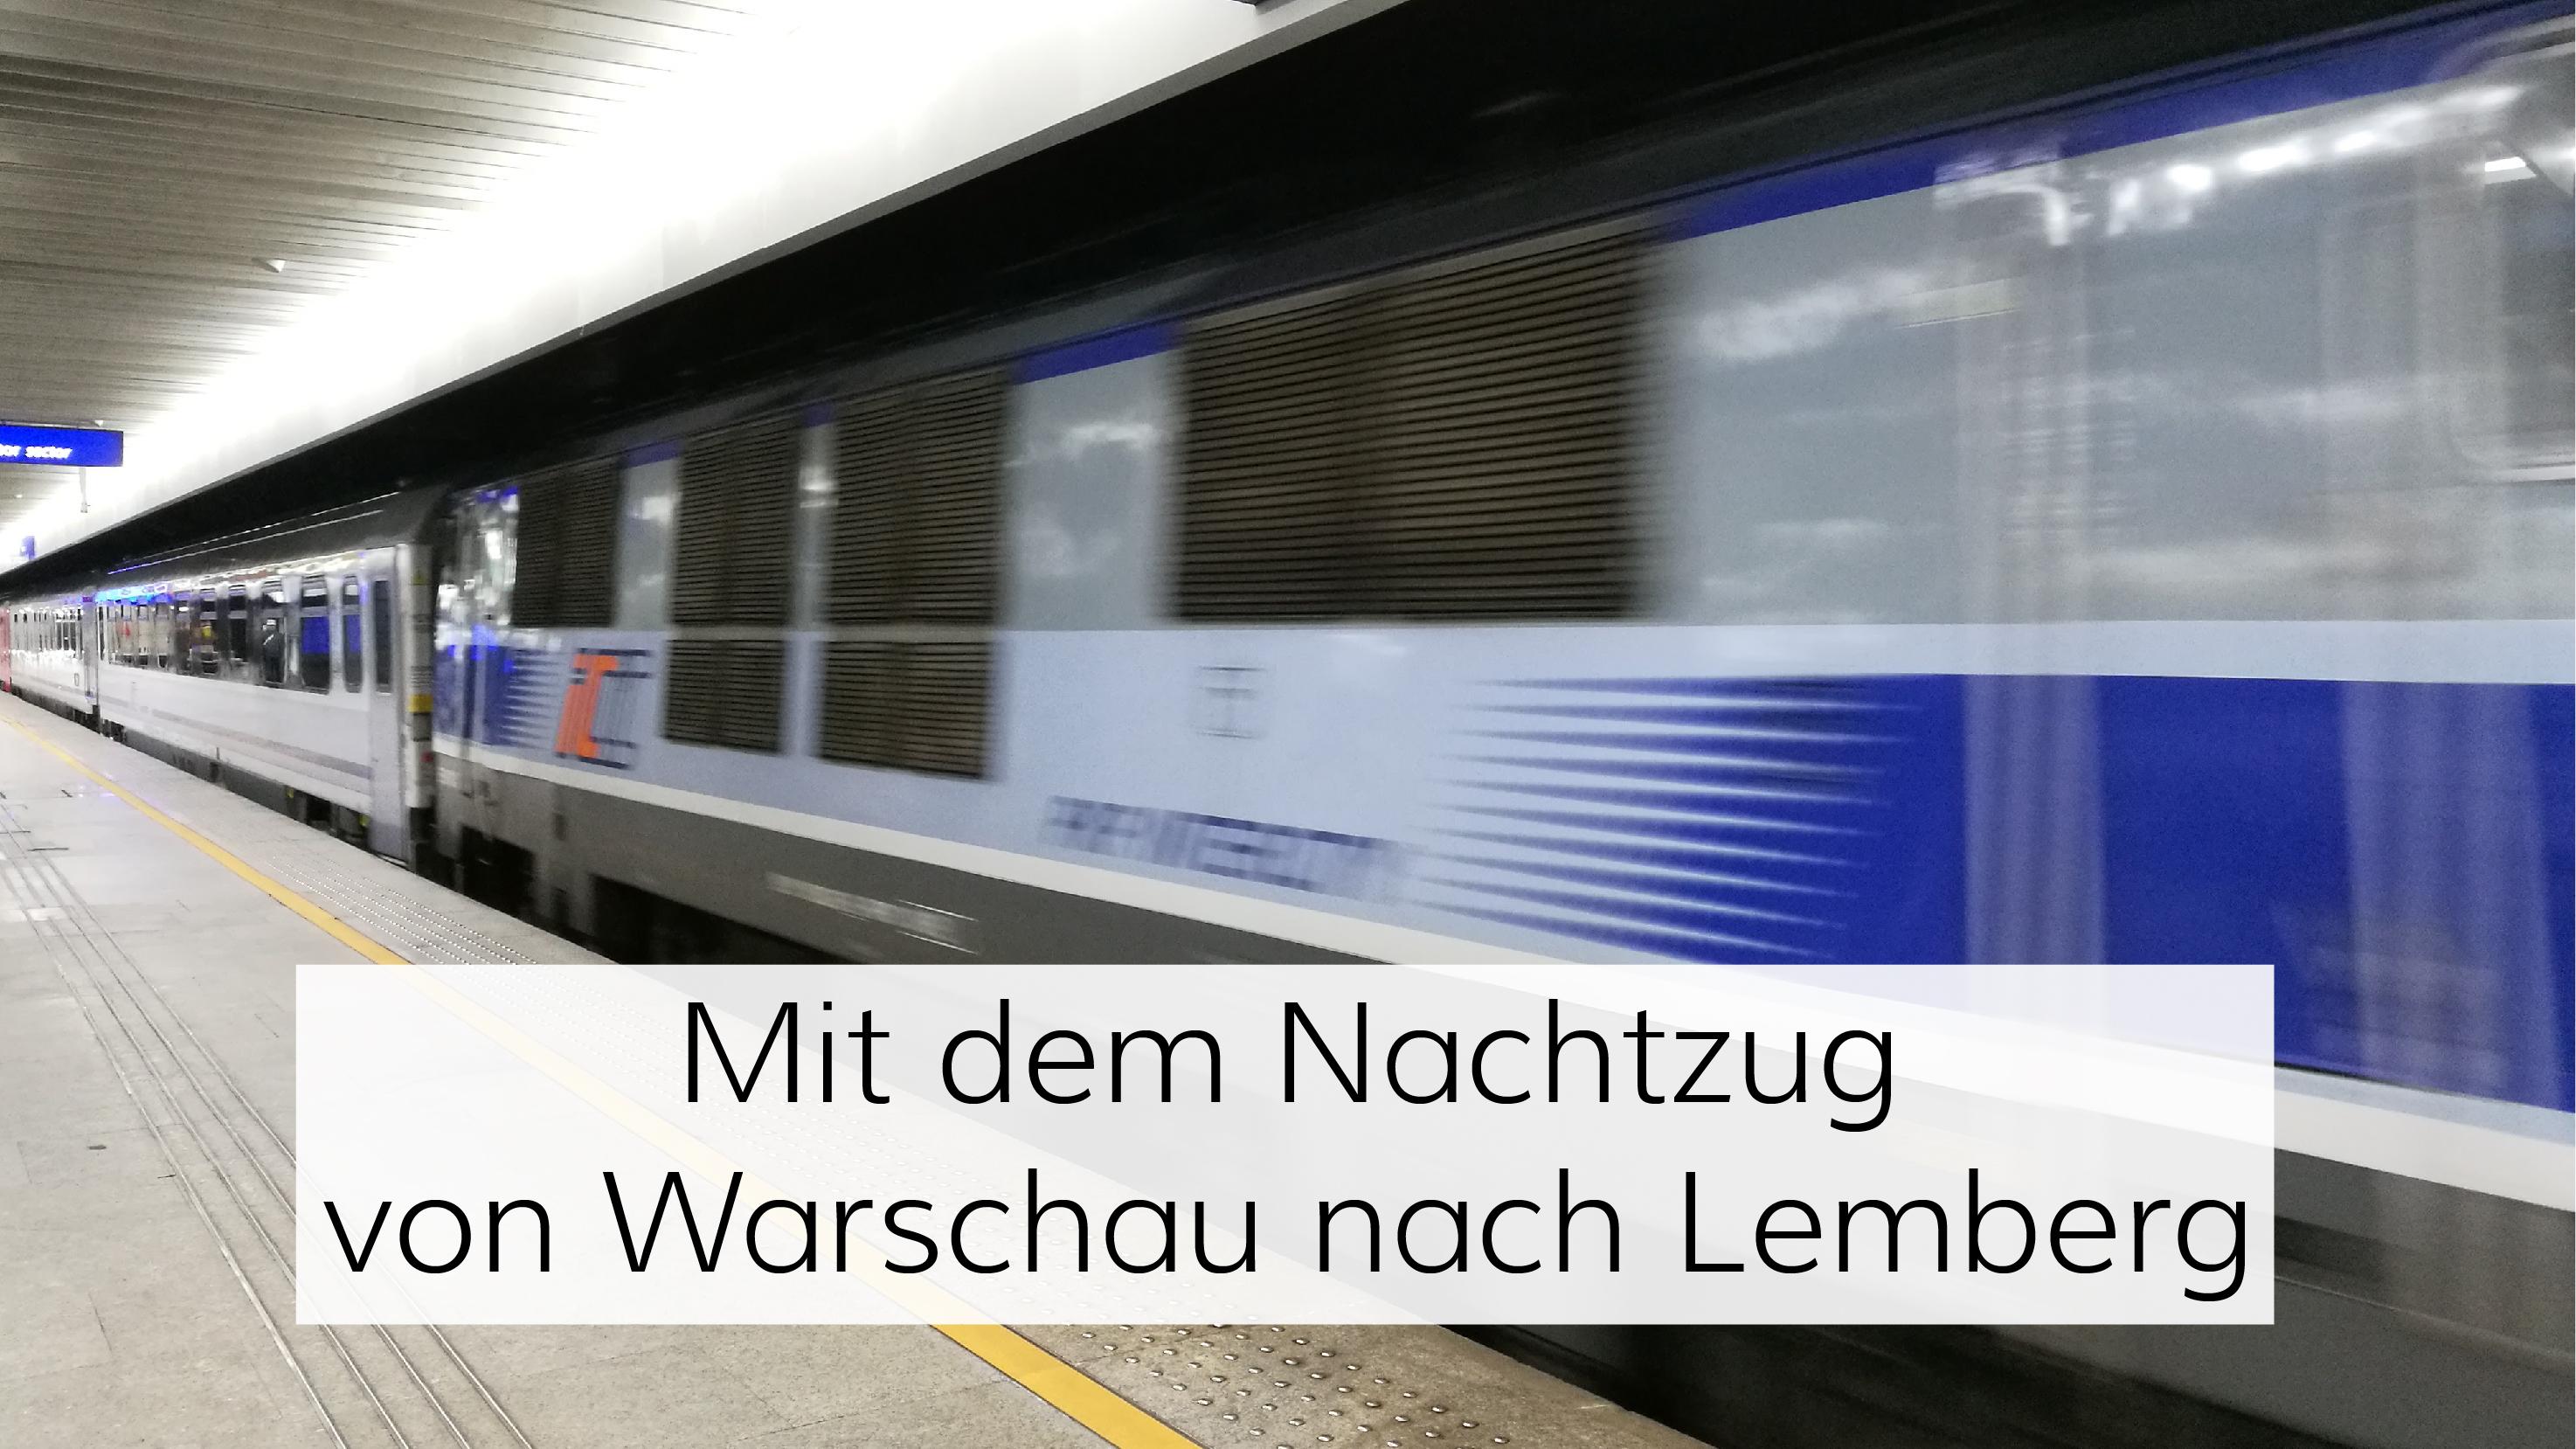 Nachtzug von Warschau nach Lemberg